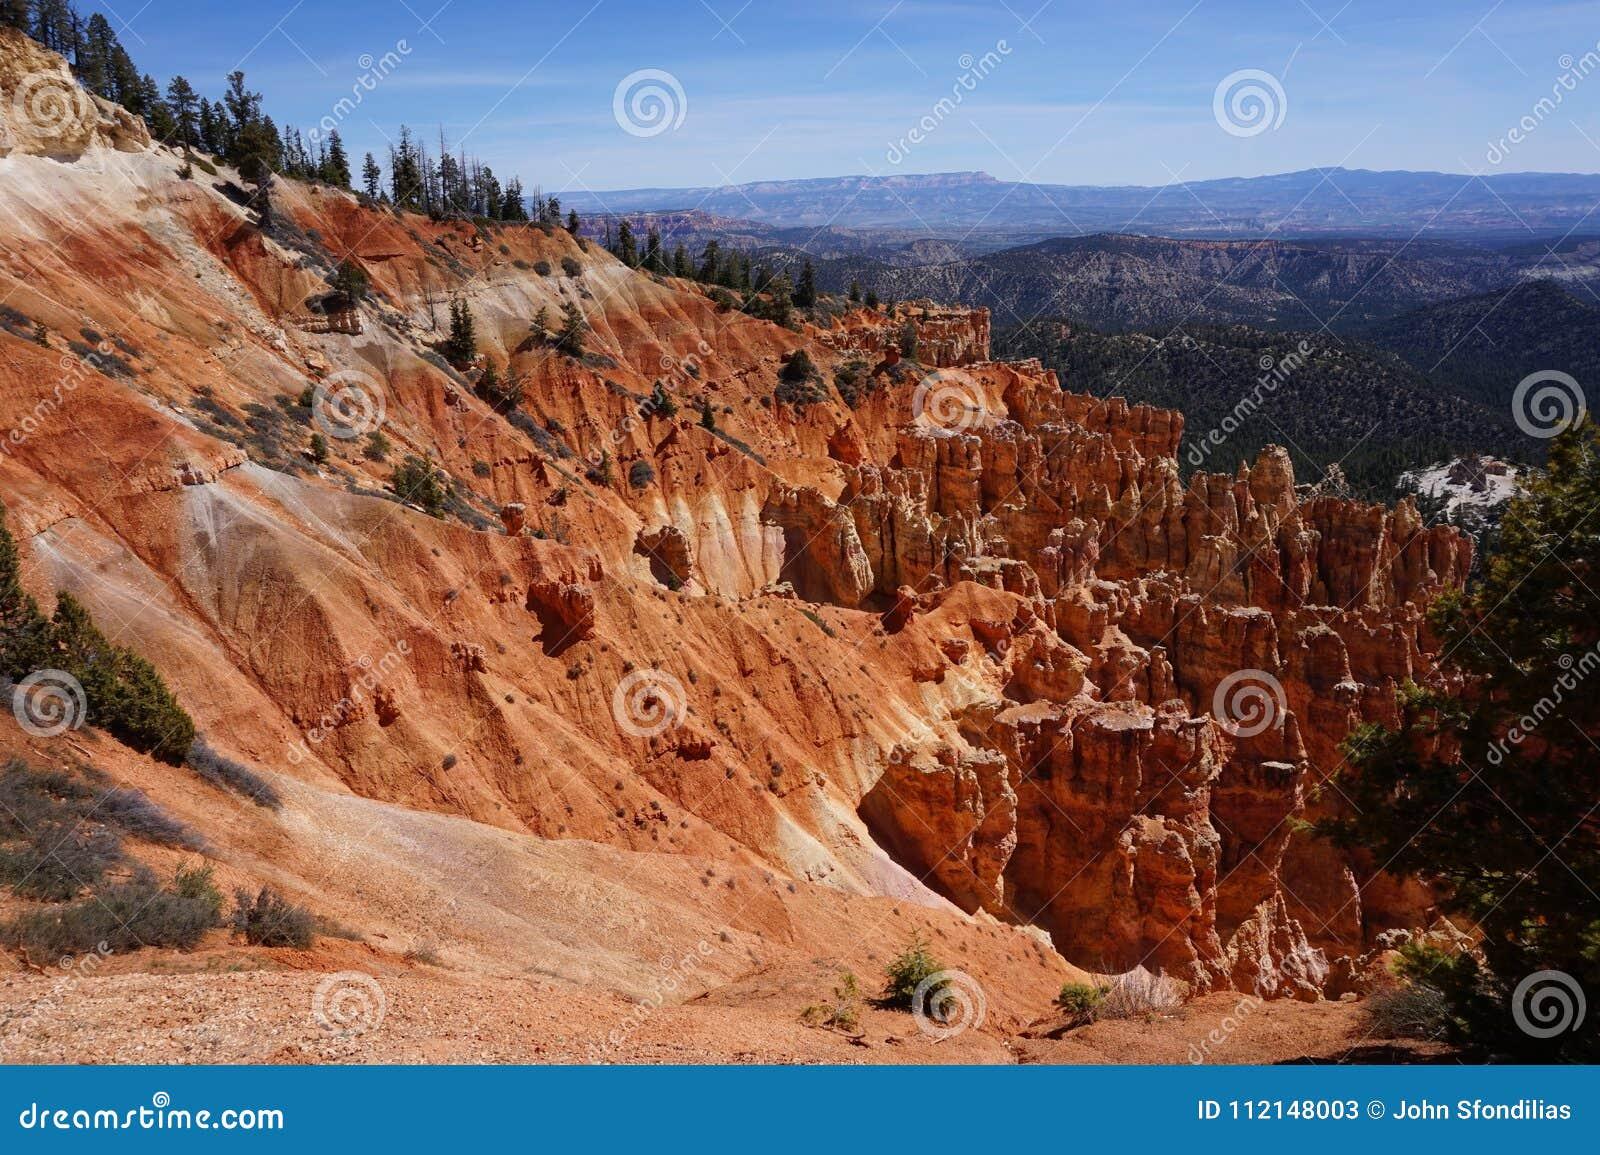 Bryce Canyon rockscape